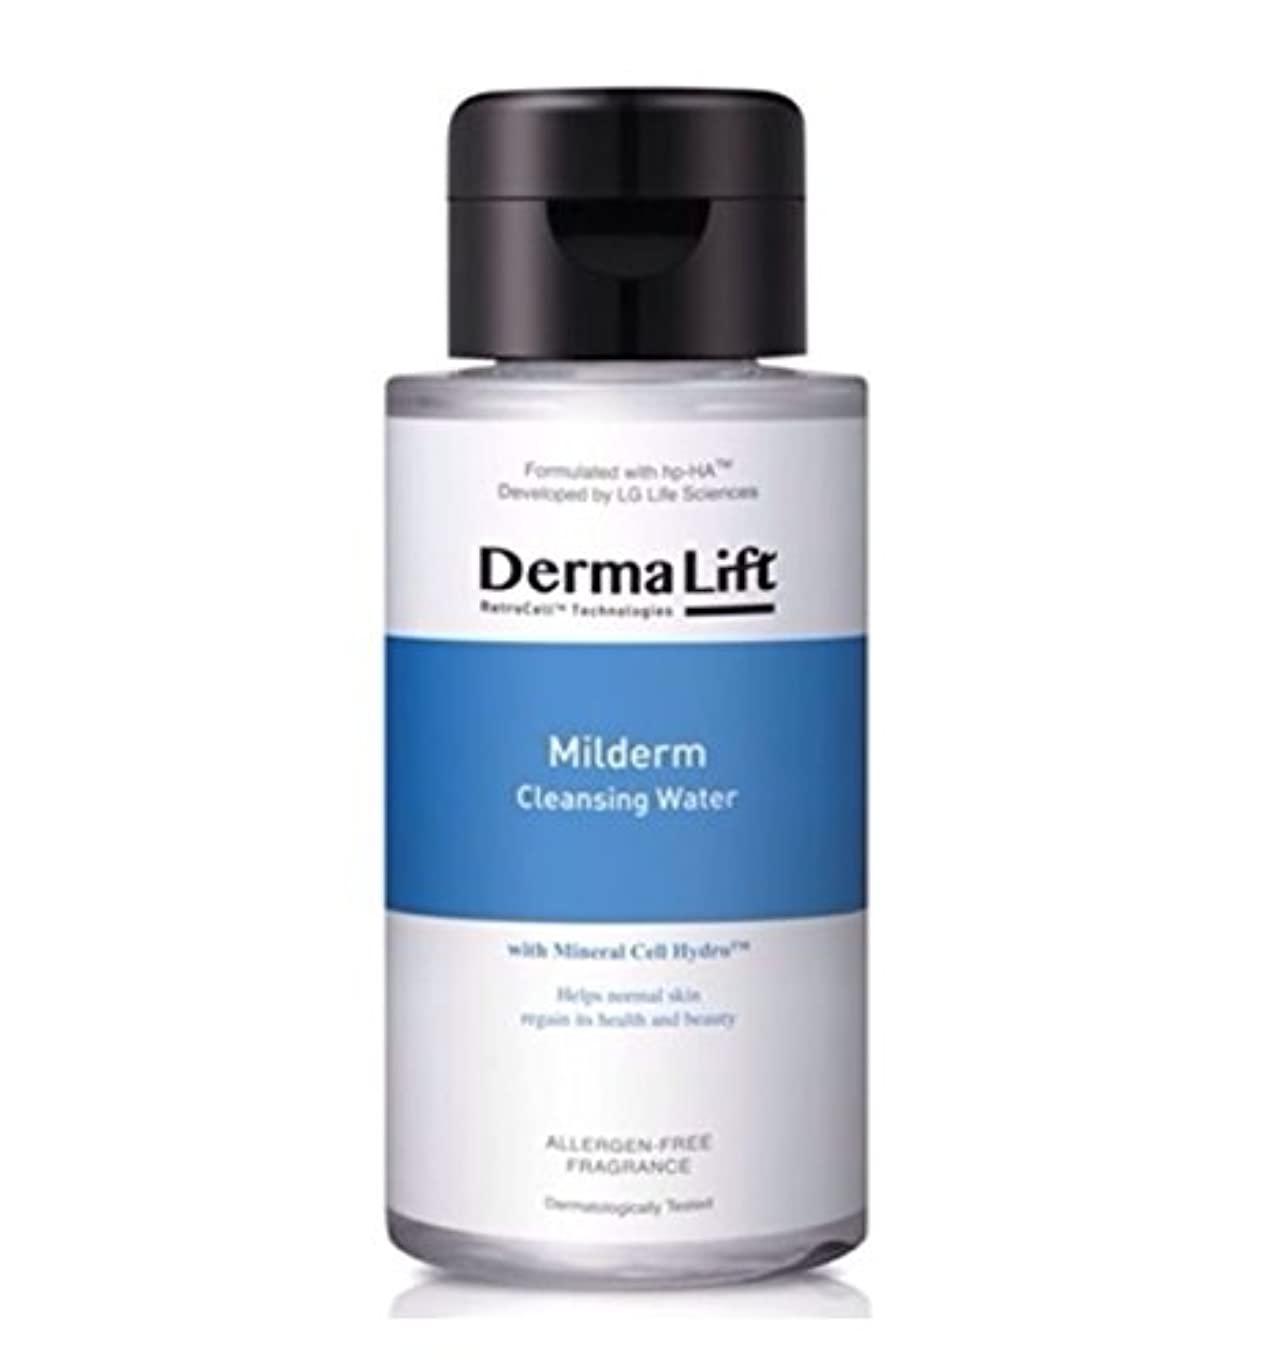 コメント鎮痛剤図Derma Lift ダーマリフトマイルおまけクレンジングウォーター 300ml / Derma Lift MILDERM CLEANSING WATER 300ml [海外直送品]